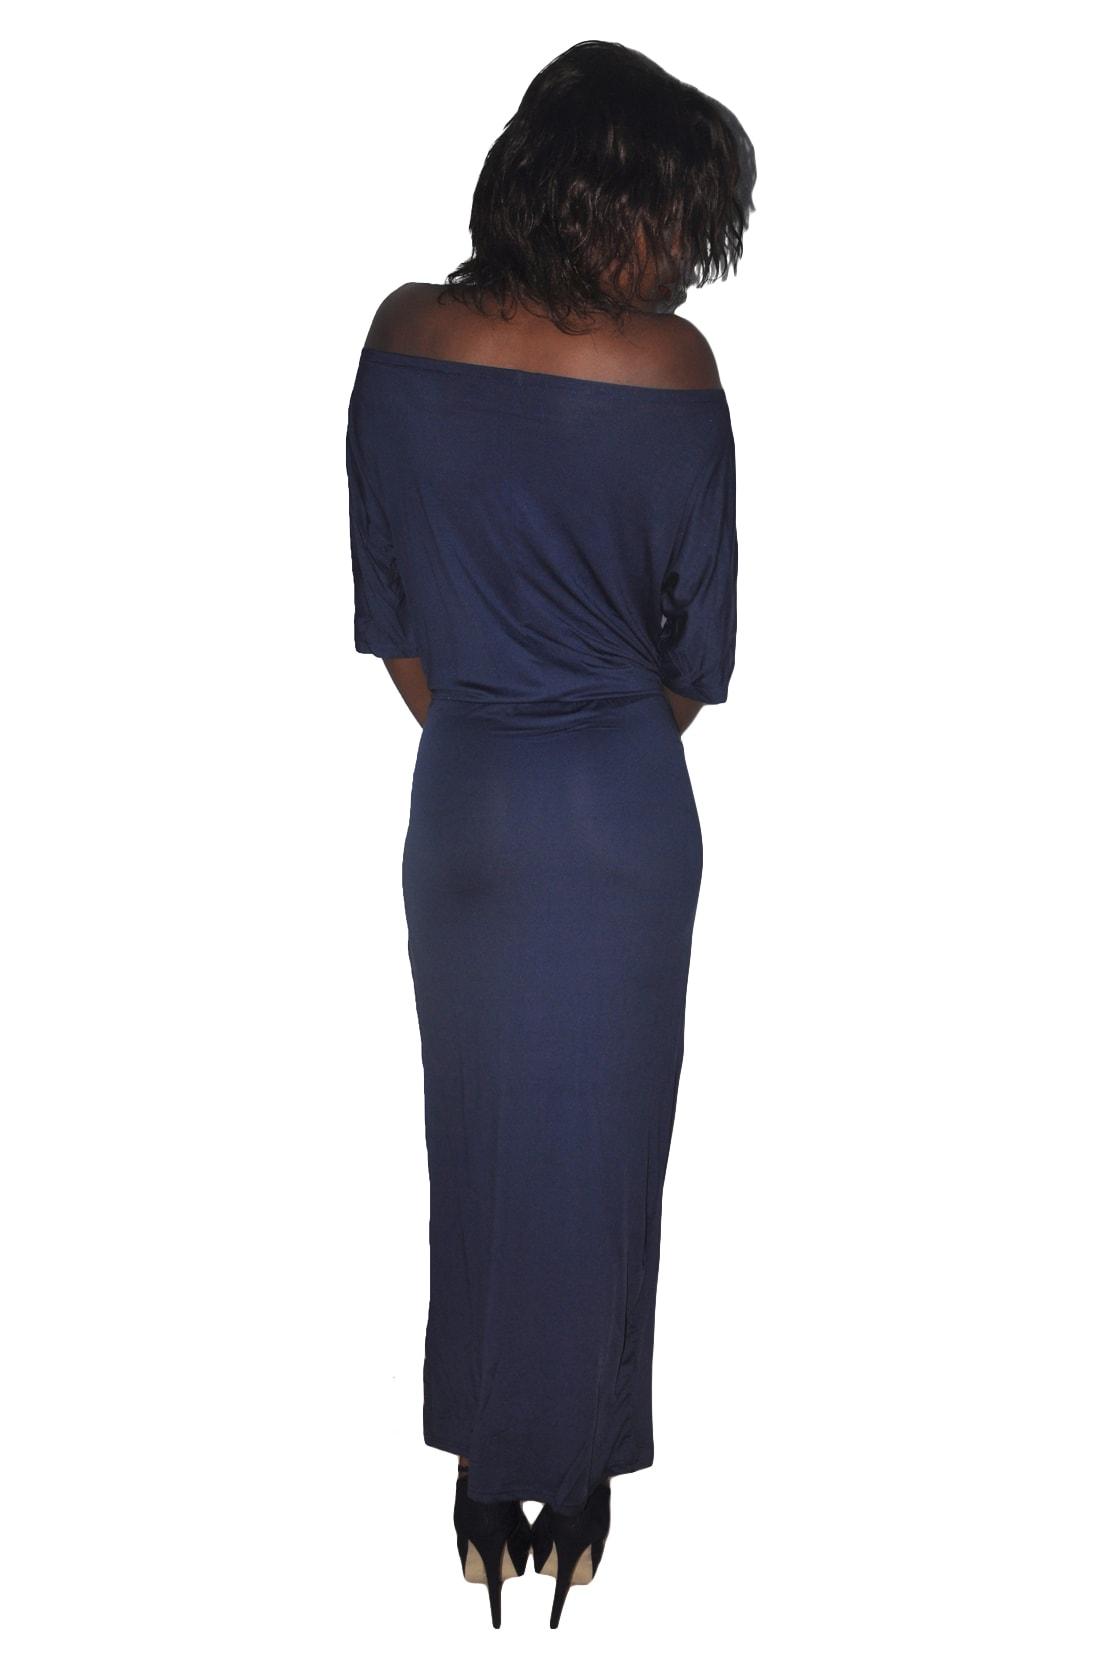 M0229 darkblue3 Maxi Dresses maureens.com boutique